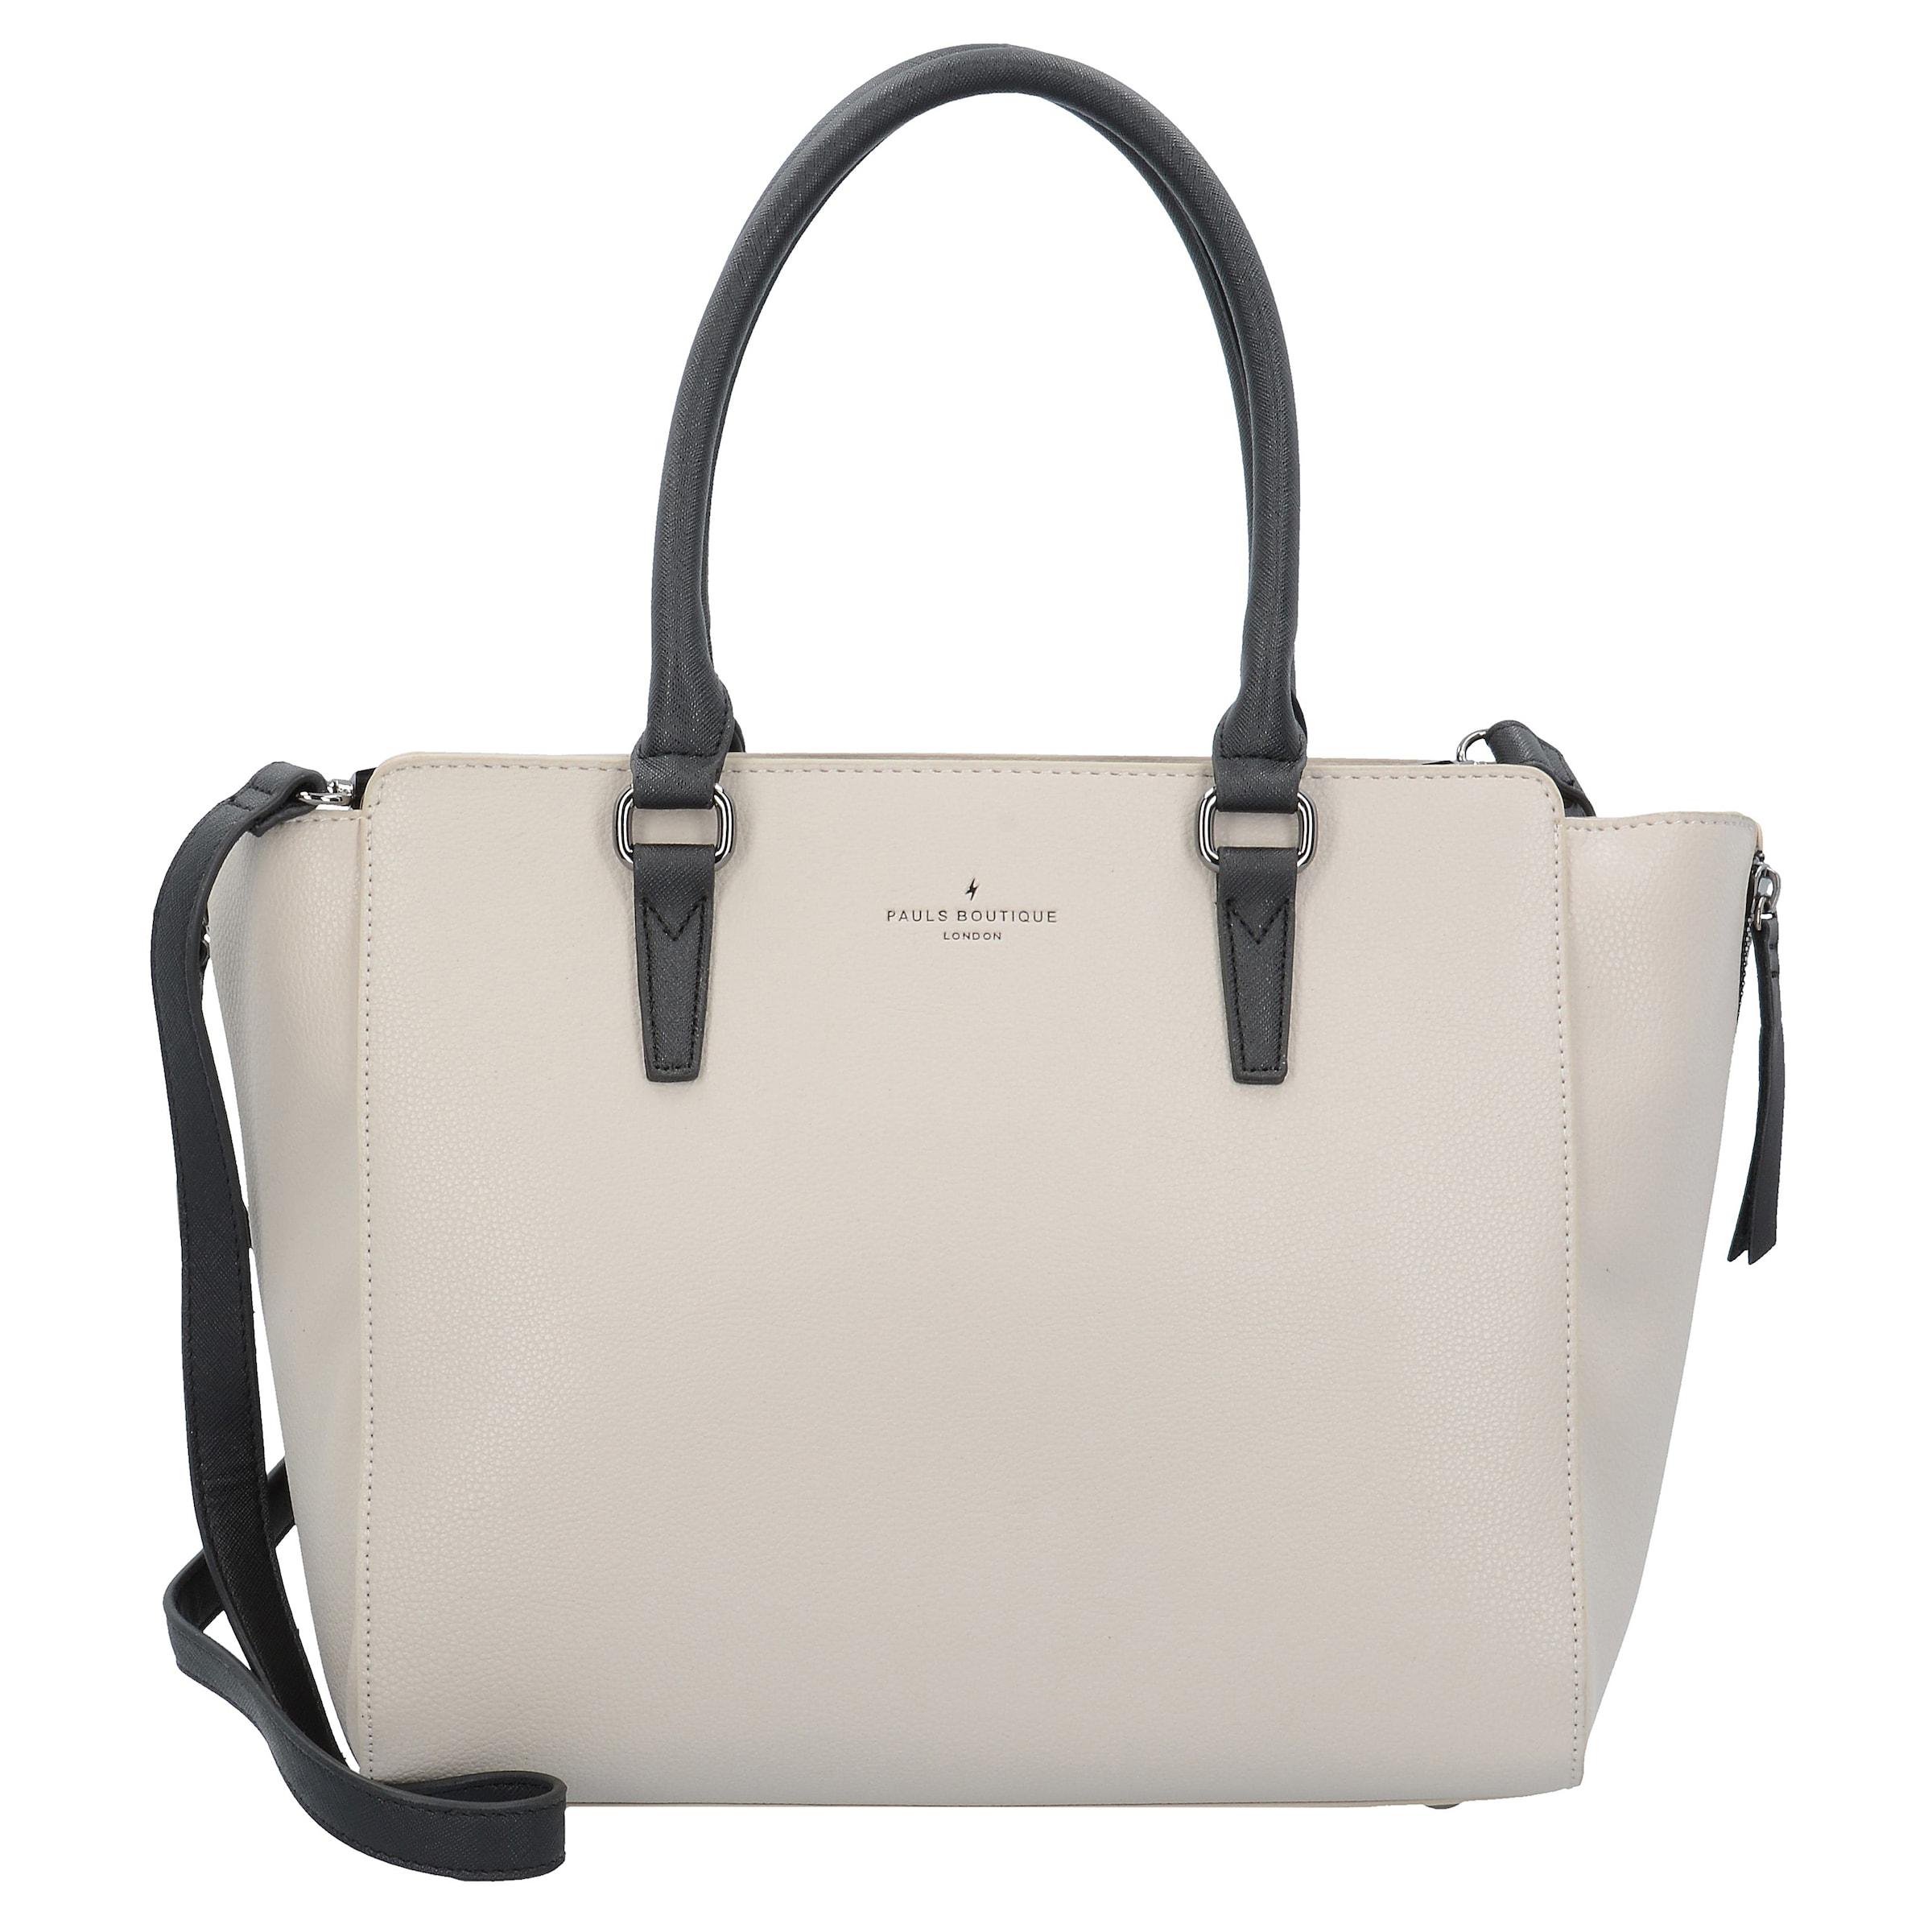 Billig Verkauf 100% Original Verkauf Neuesten Kollektionen PAULS BOUTIQUE LONDON Pamela Handtasche 29 cm L3zLsB